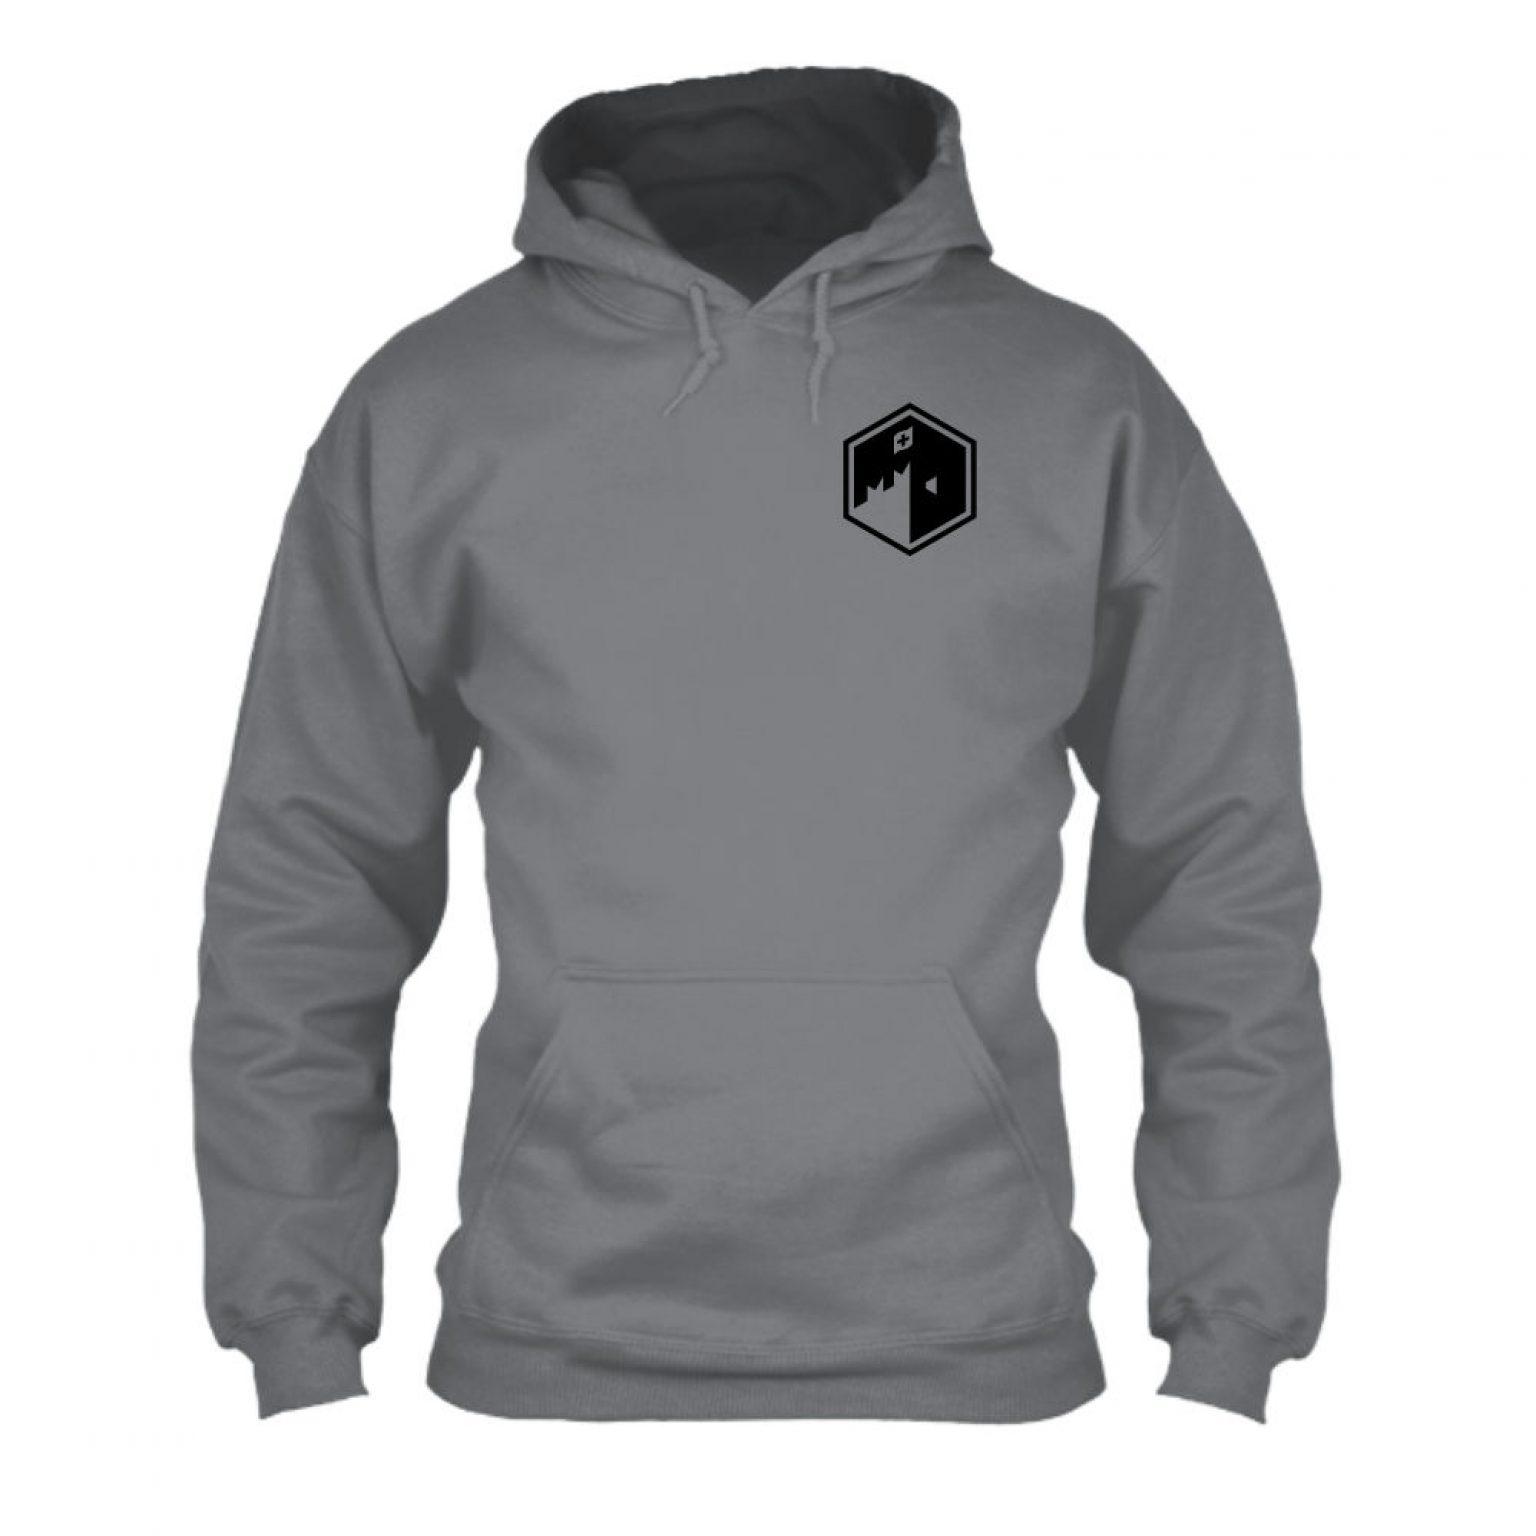 CFB hoodie herren convoygrey front